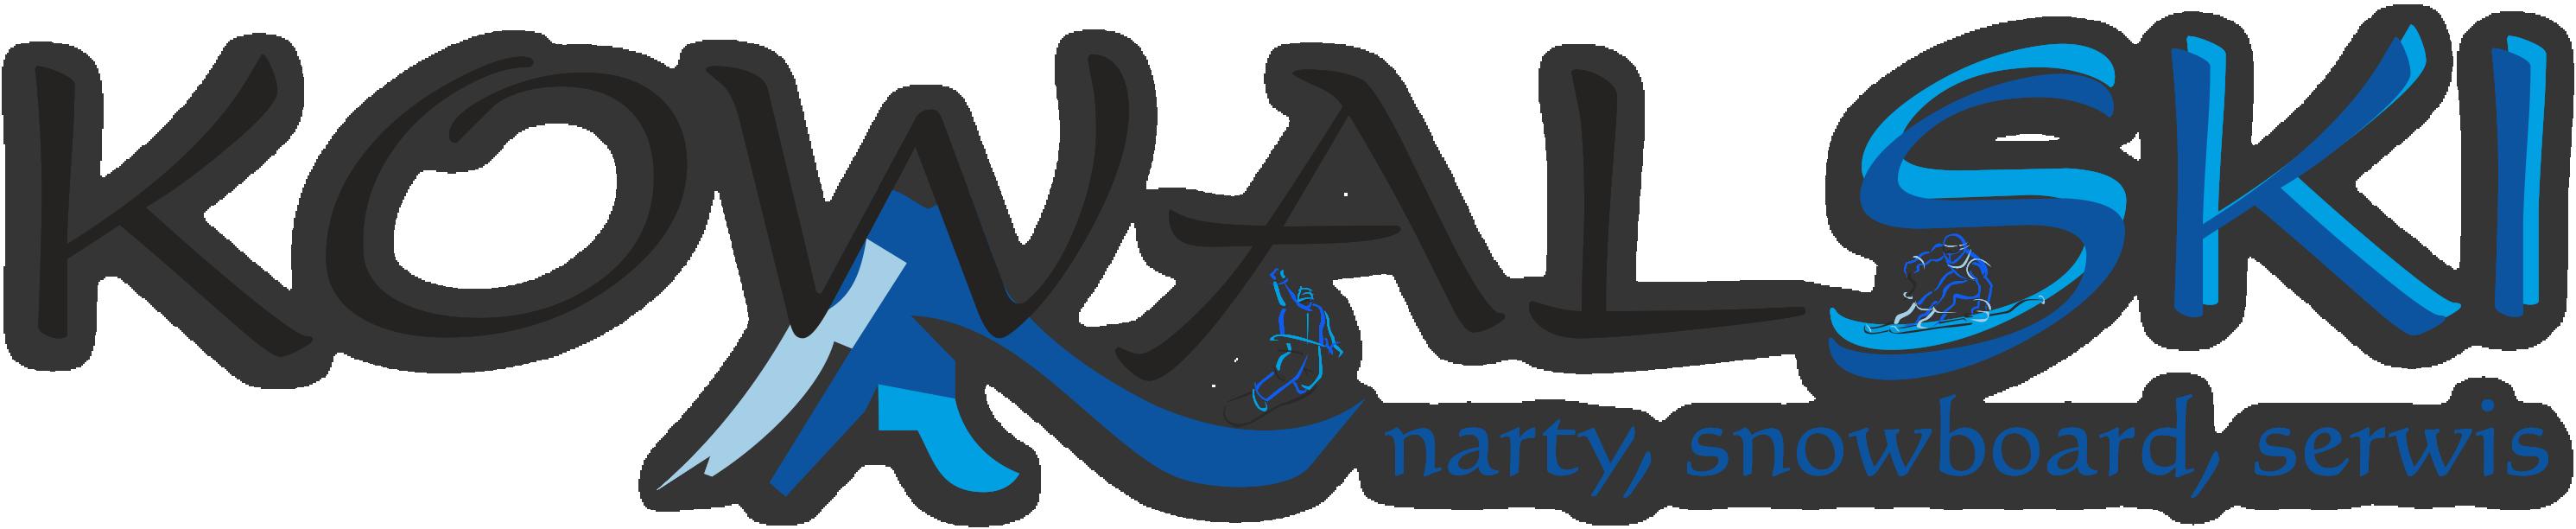 Kowal-Ski: Narty, Snowboard, Serwis, Wypożyczalnia